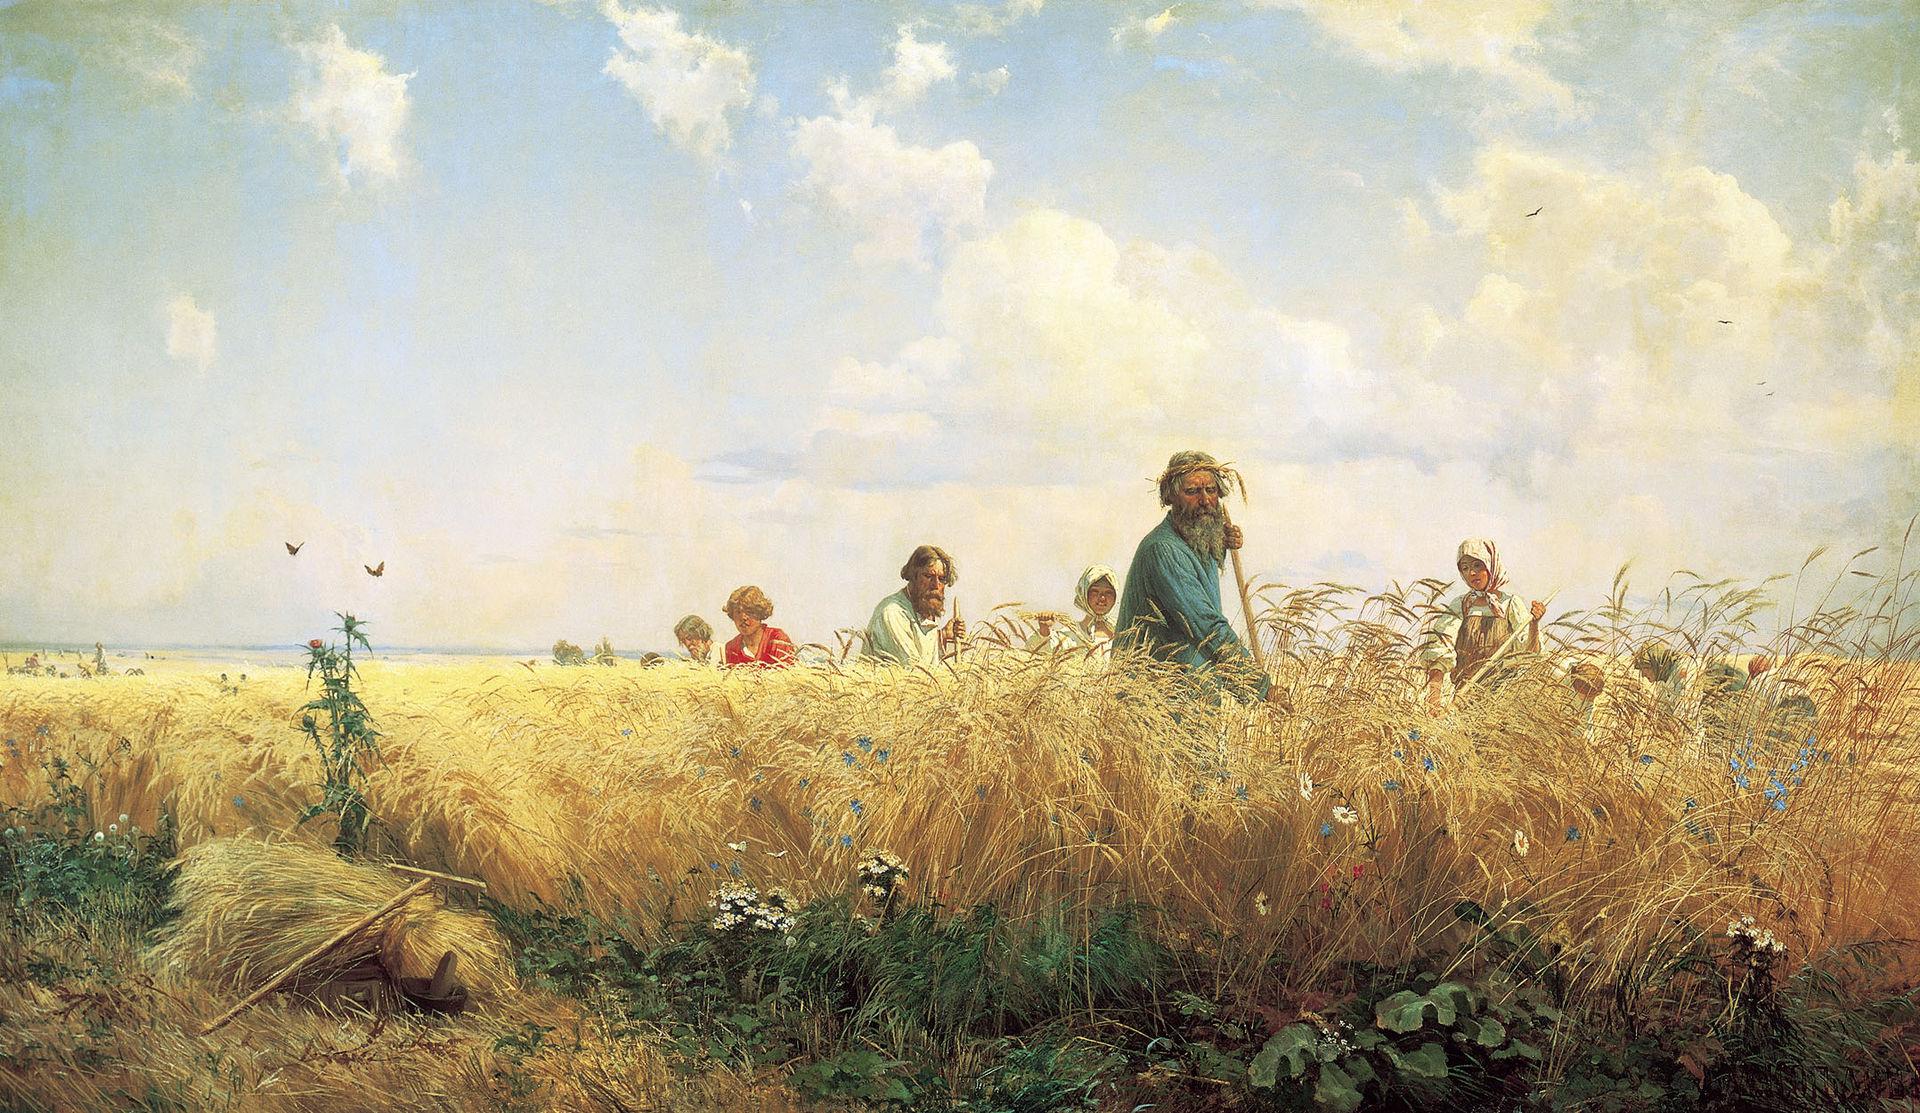 Страдная пора. Косцы, Григорий Мясоедов, 1887 год, Русский музей, Санкт-Петербург.